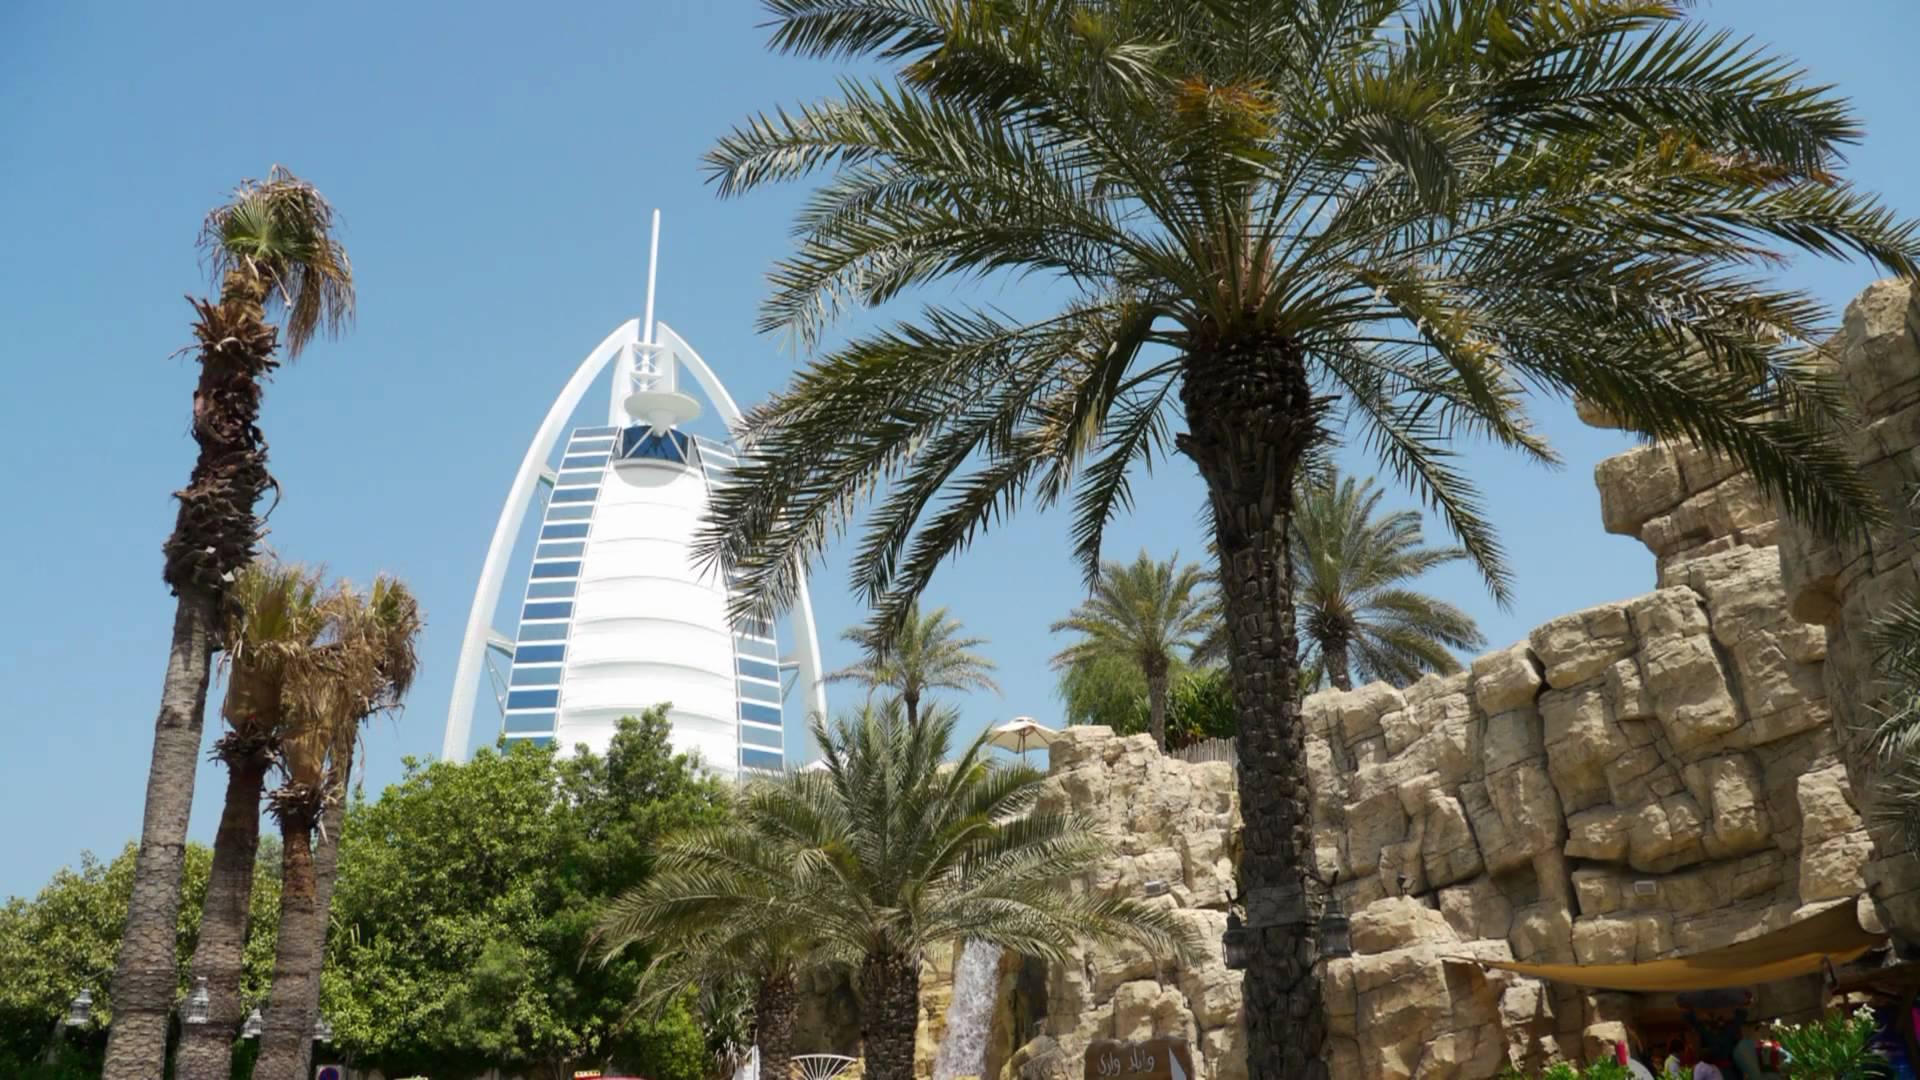 Burj Al Arab Computer Wallpaper